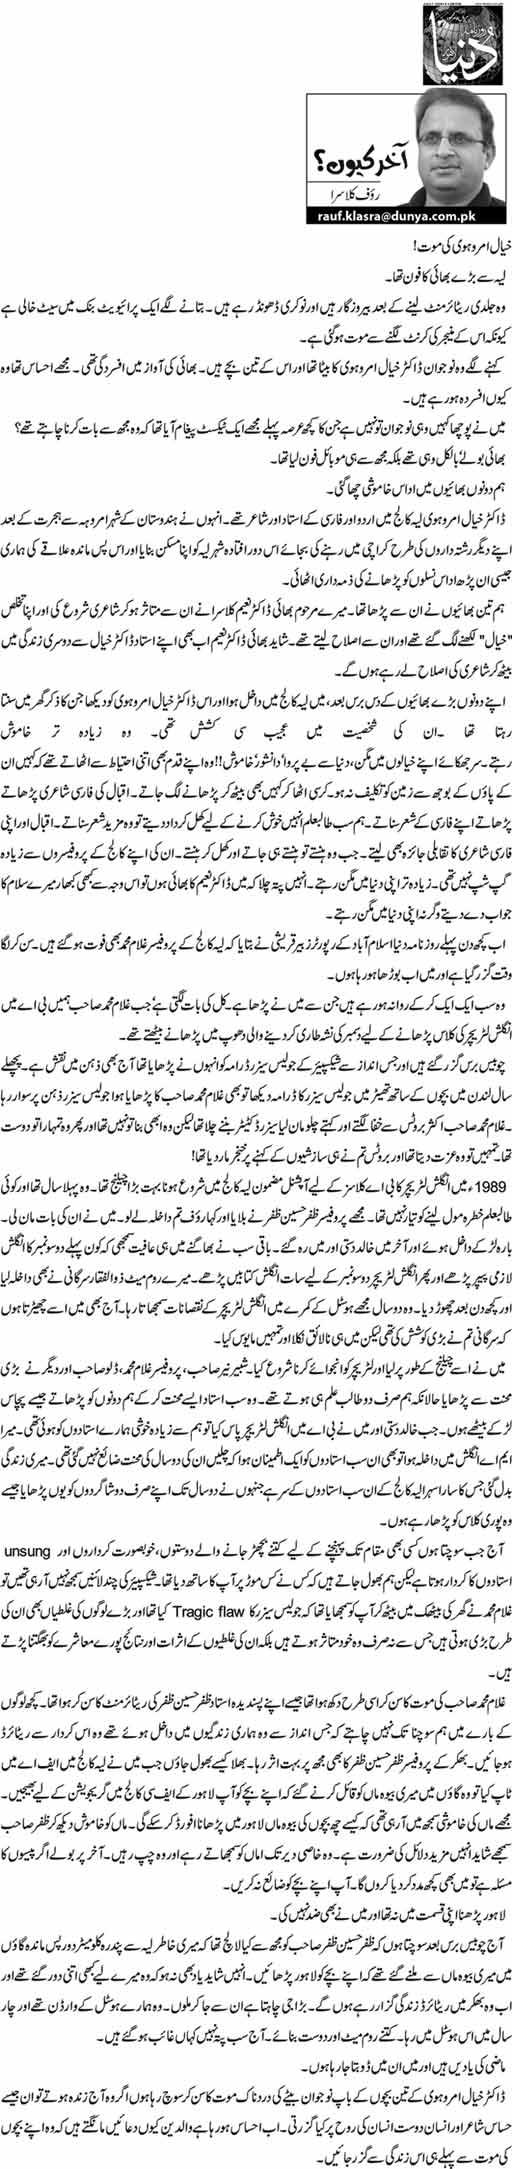 Khyal Amrohi Ki Maut! - Rauf Klasra